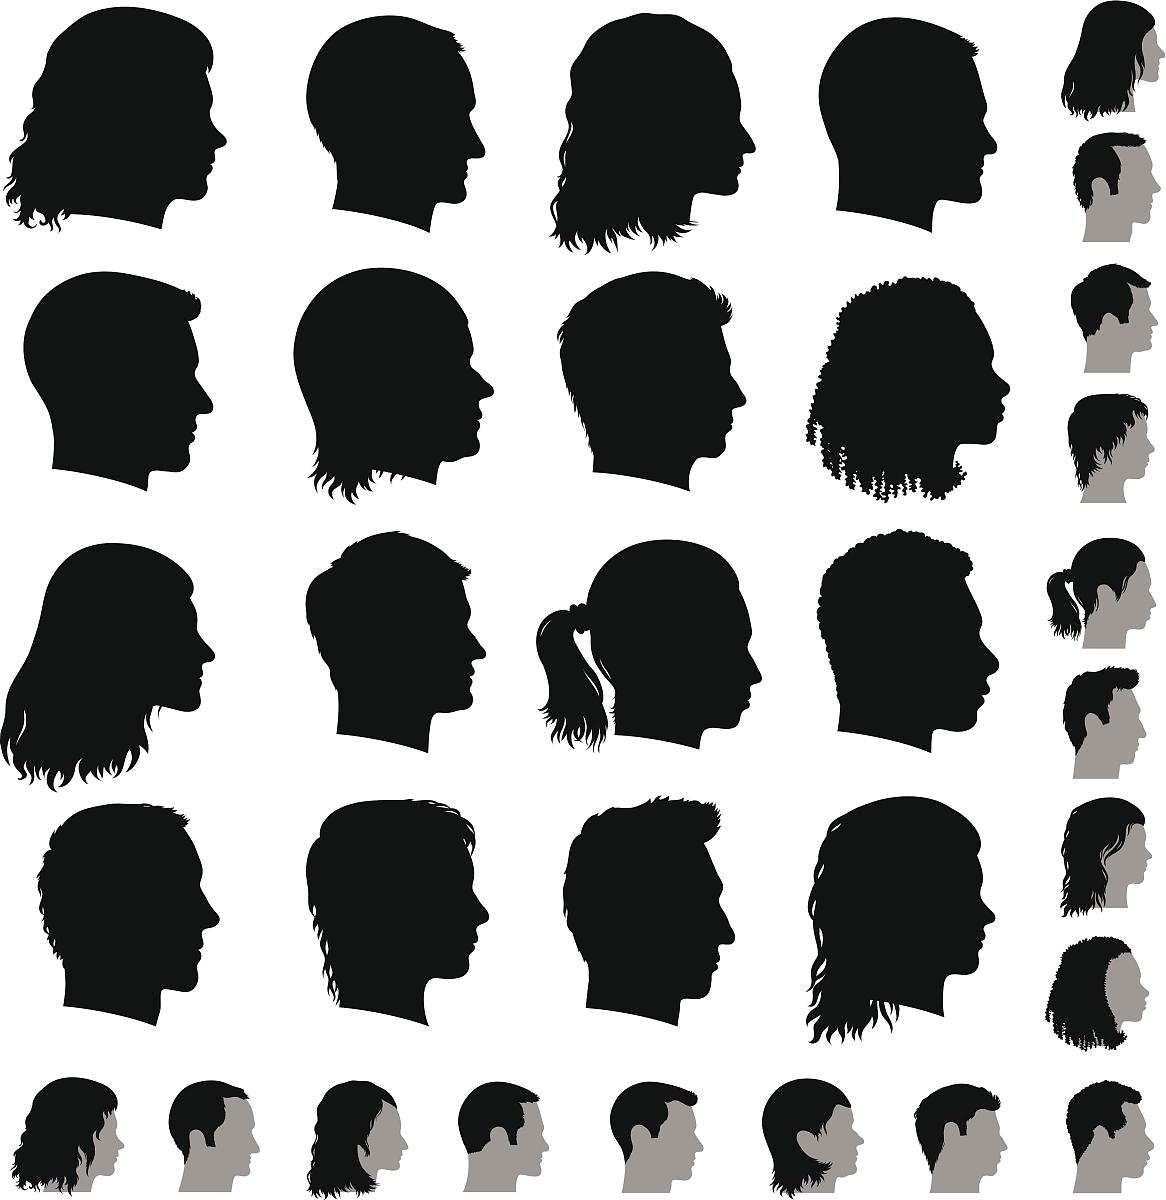 自定义人脸图标黑白矢量图标集图片